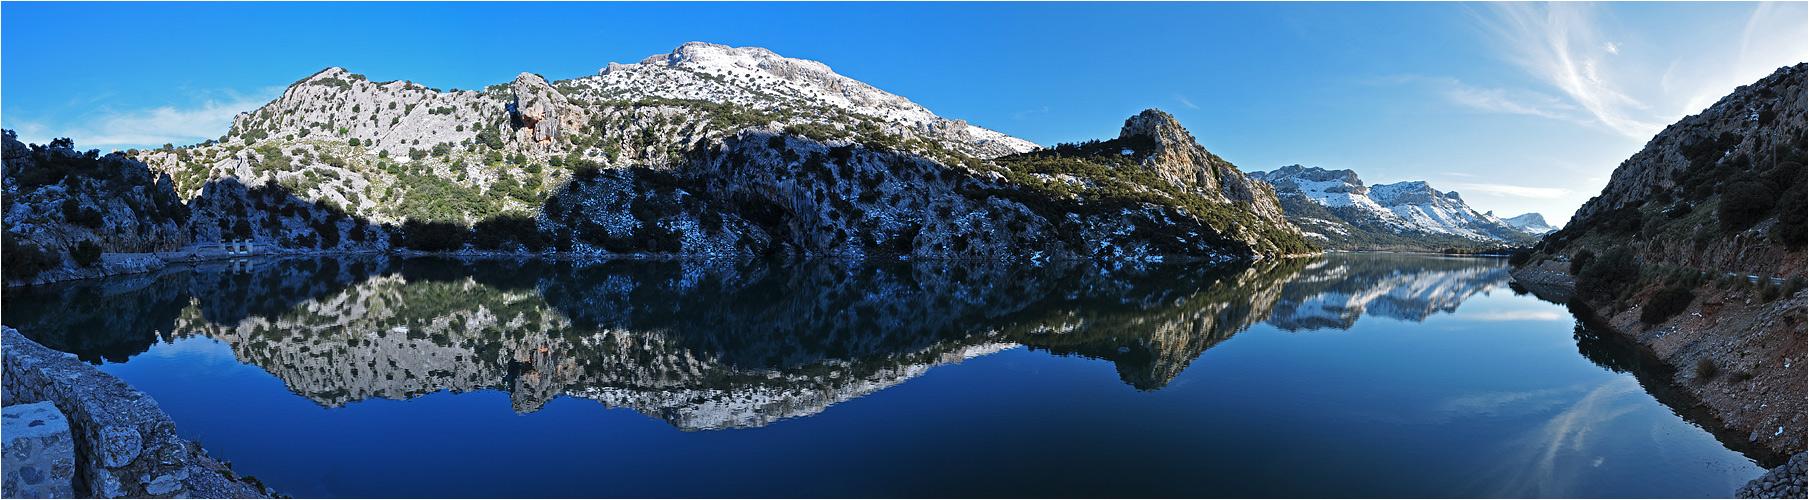 Mallorca Panorama Gorg Blau II